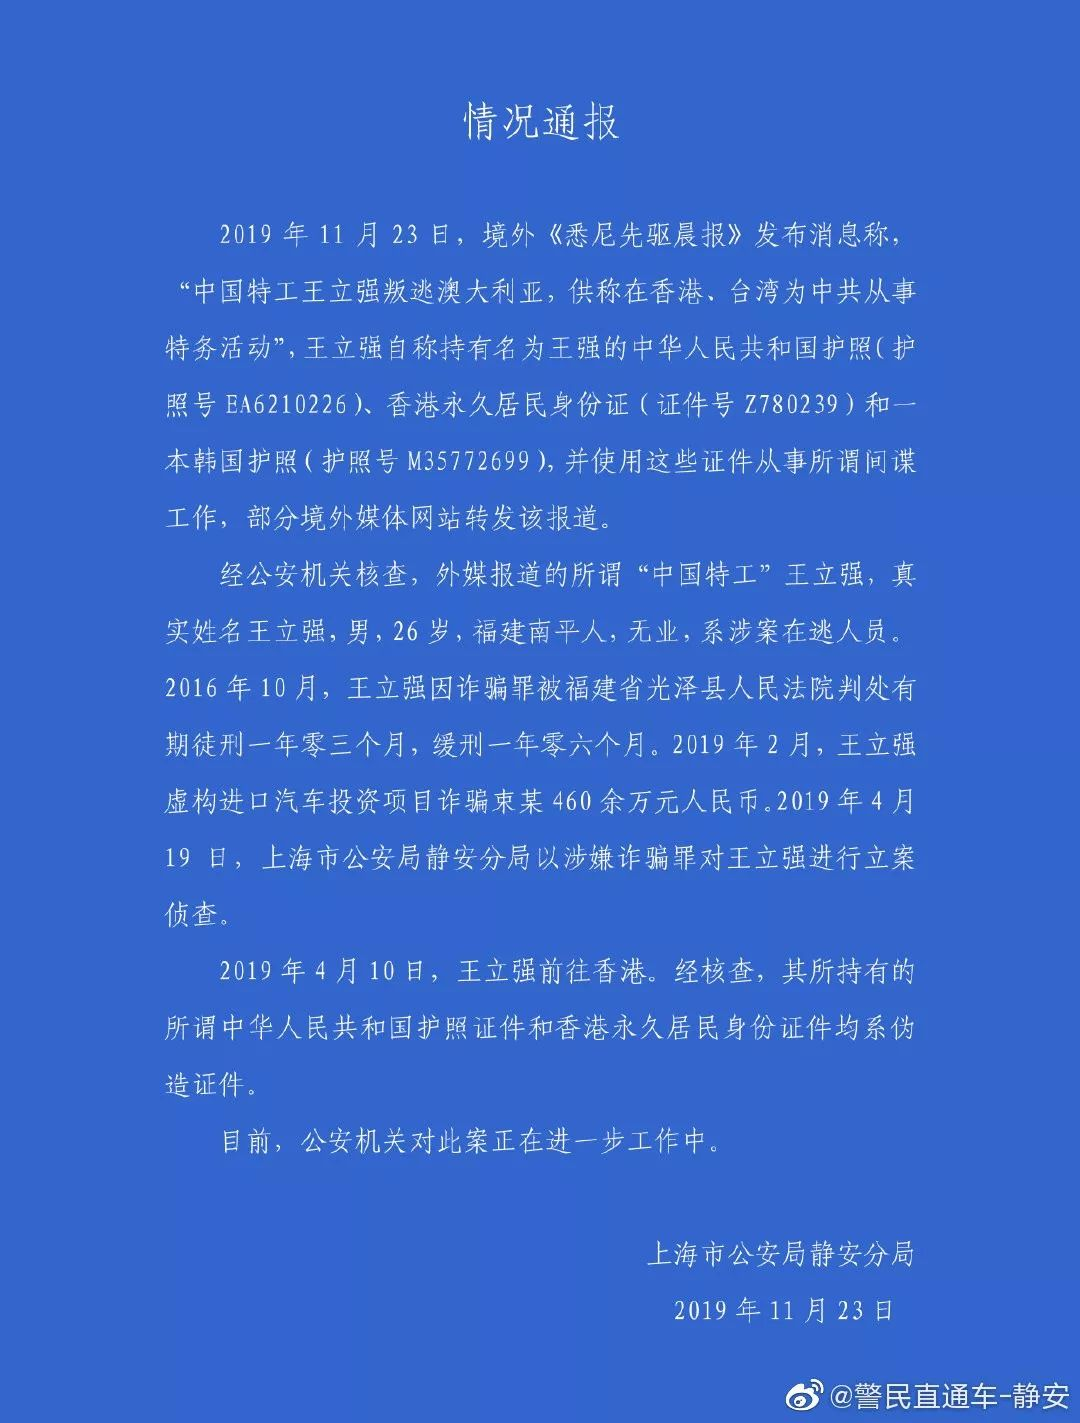 「大发888娱乐场下载中文版」一文读懂中国楼市上半场